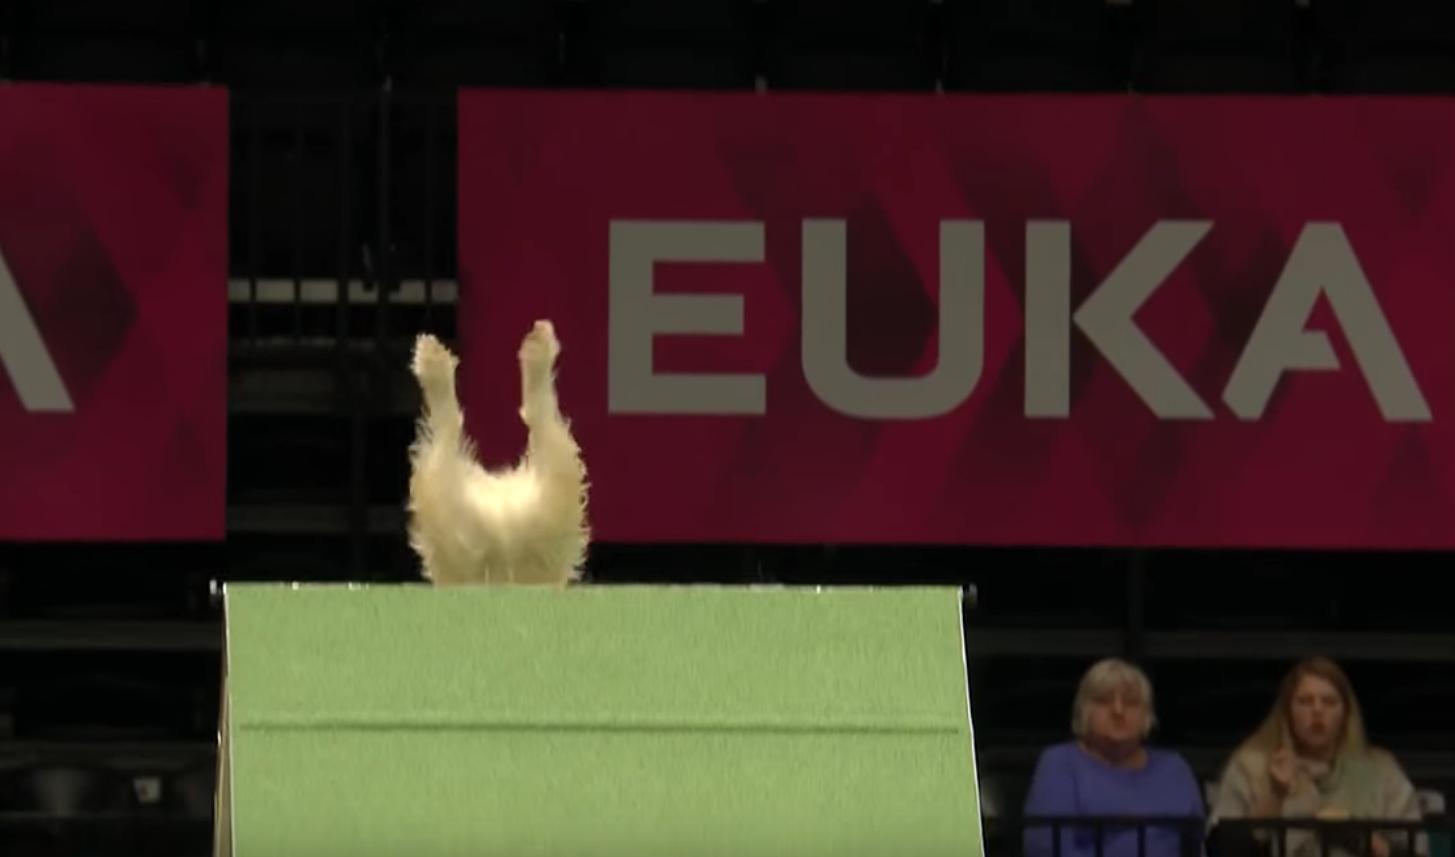 La desastrosa (y divertida) carrera de este perrito se hace viral